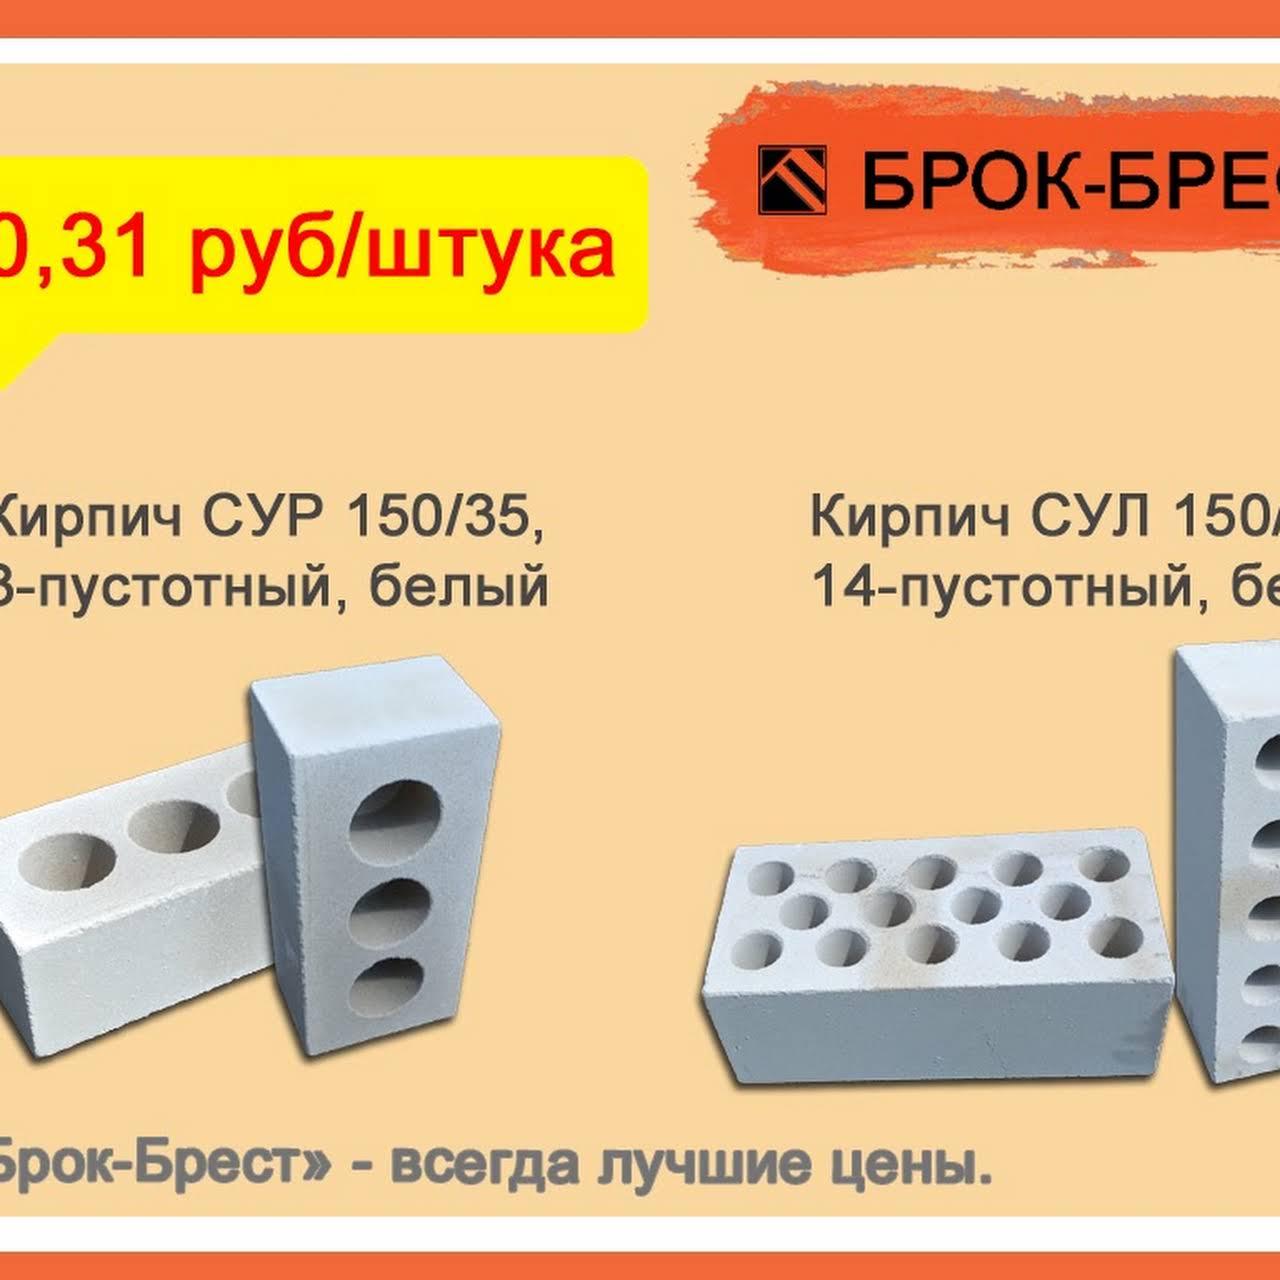 брок бетон отзывы